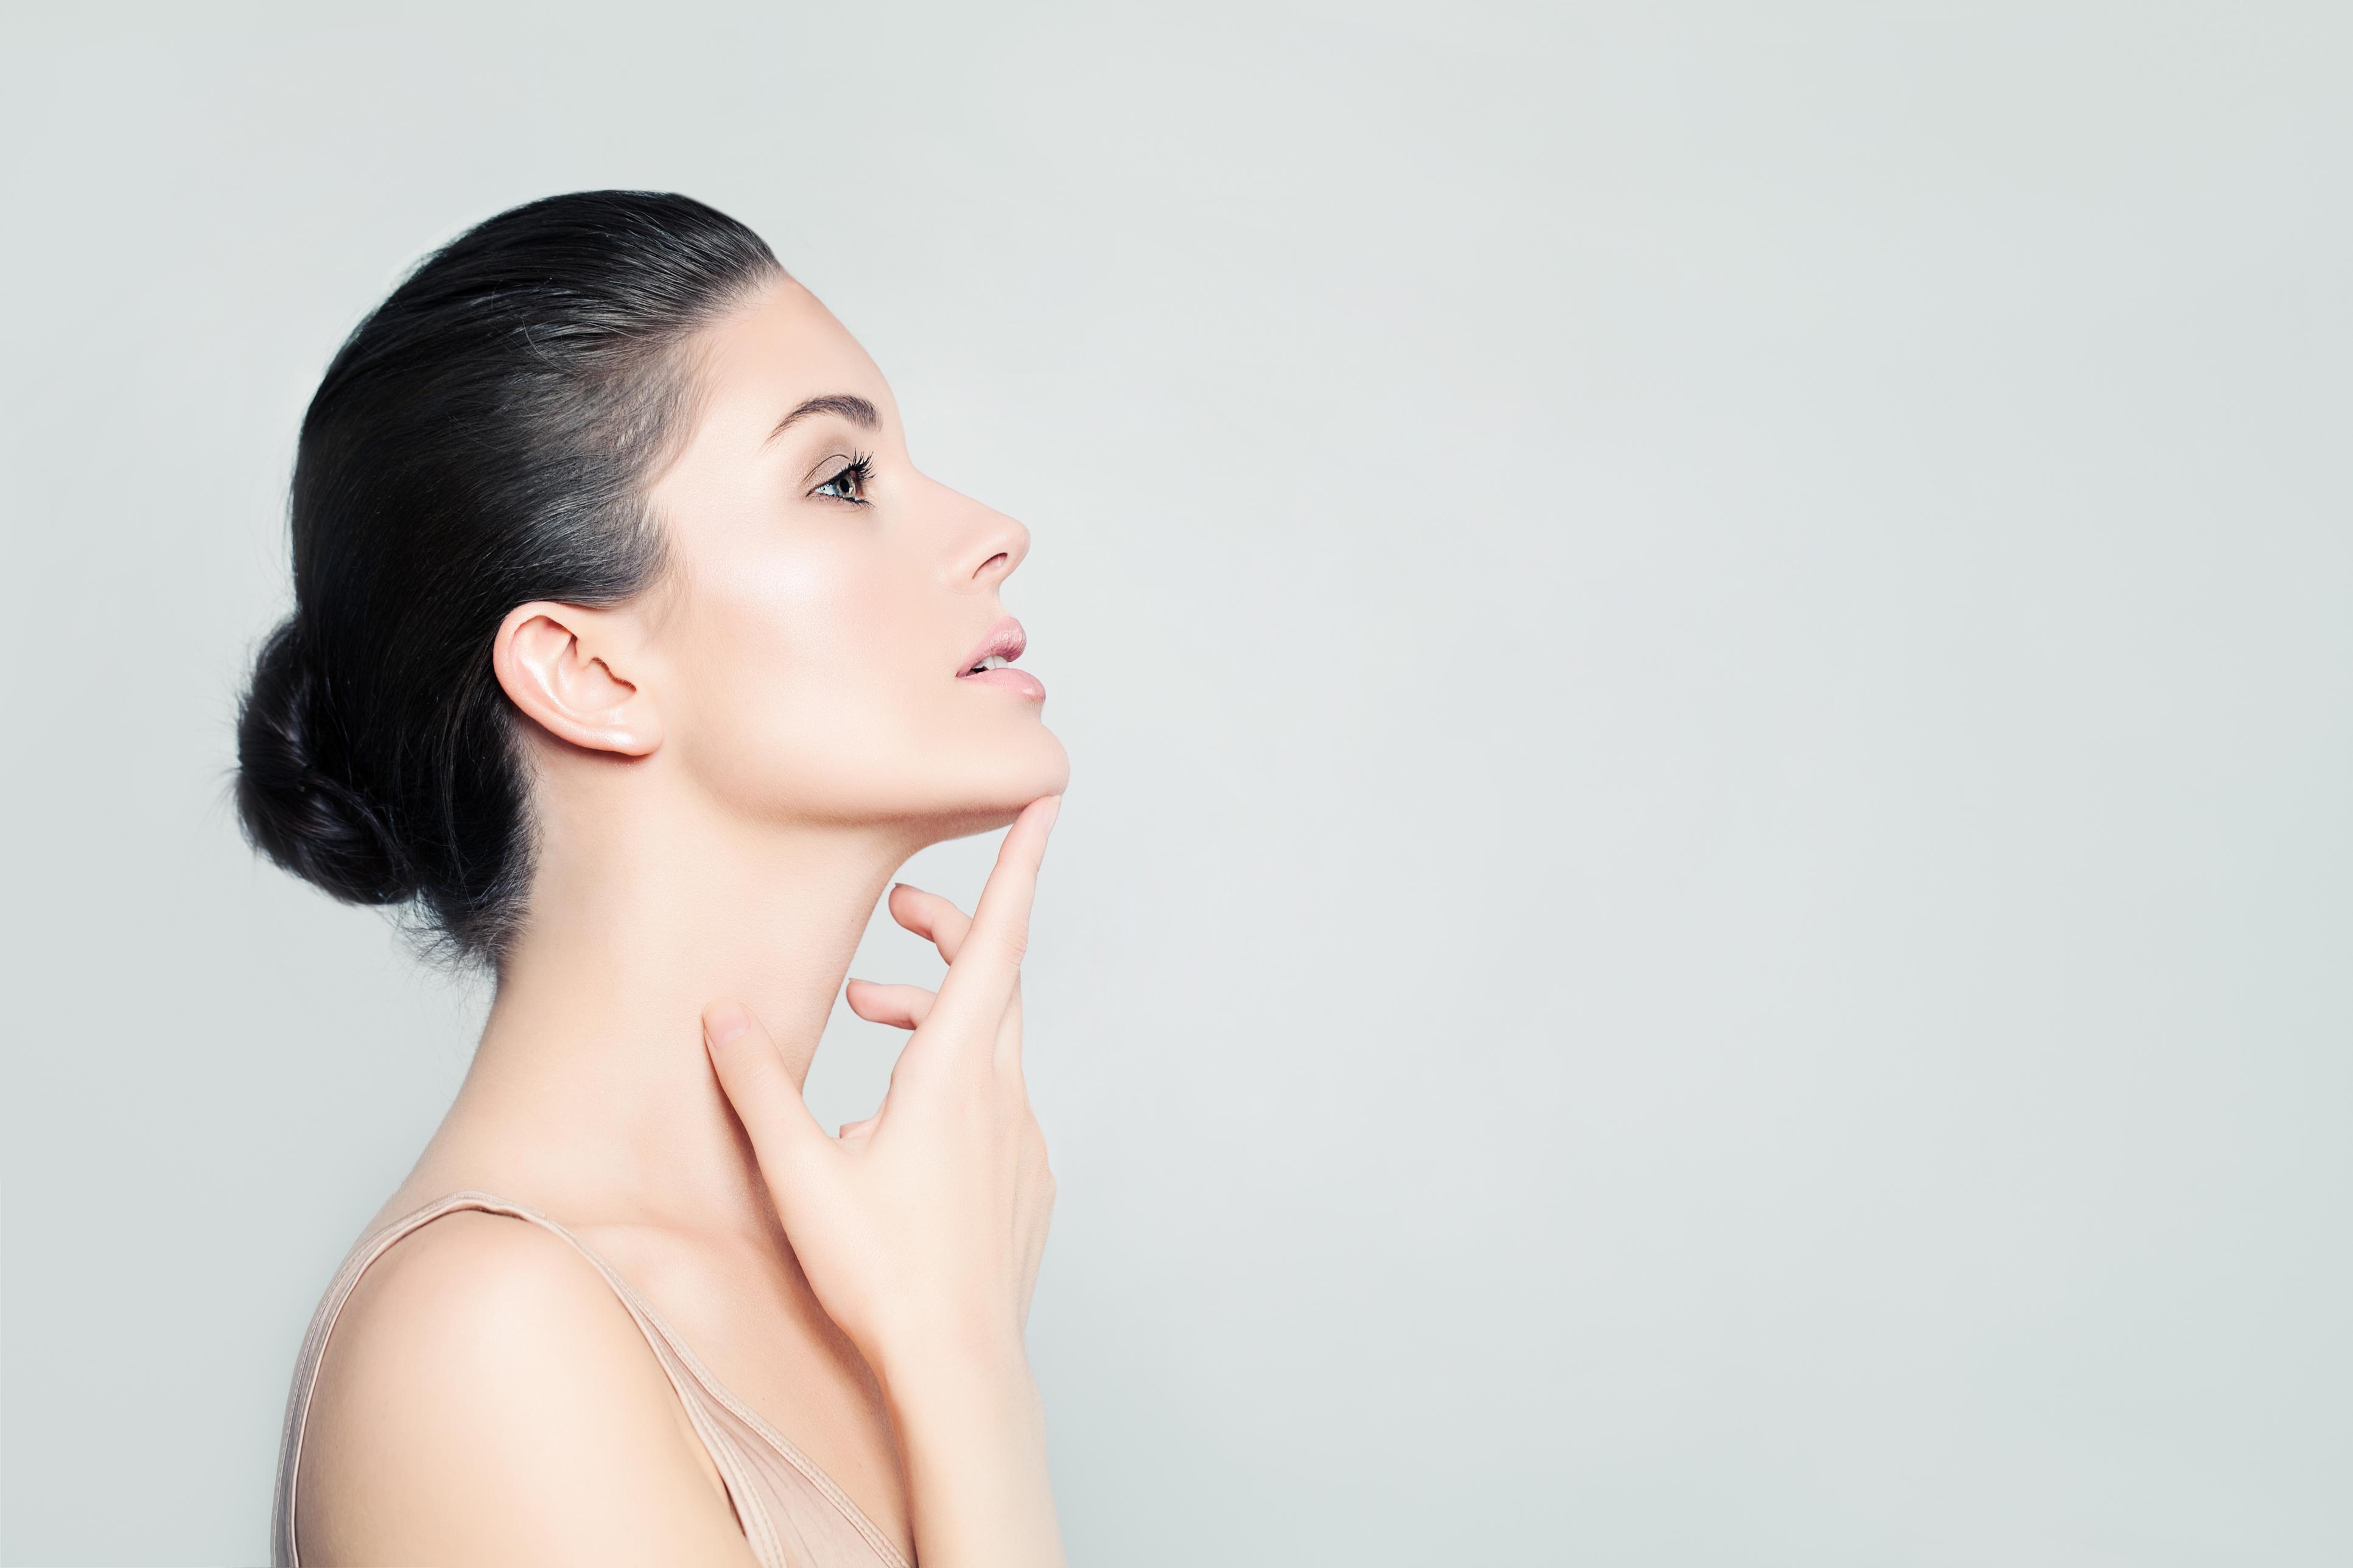 Як підтягнути шкіру обличчя і шиї, не вдаючись до послуг косметологів